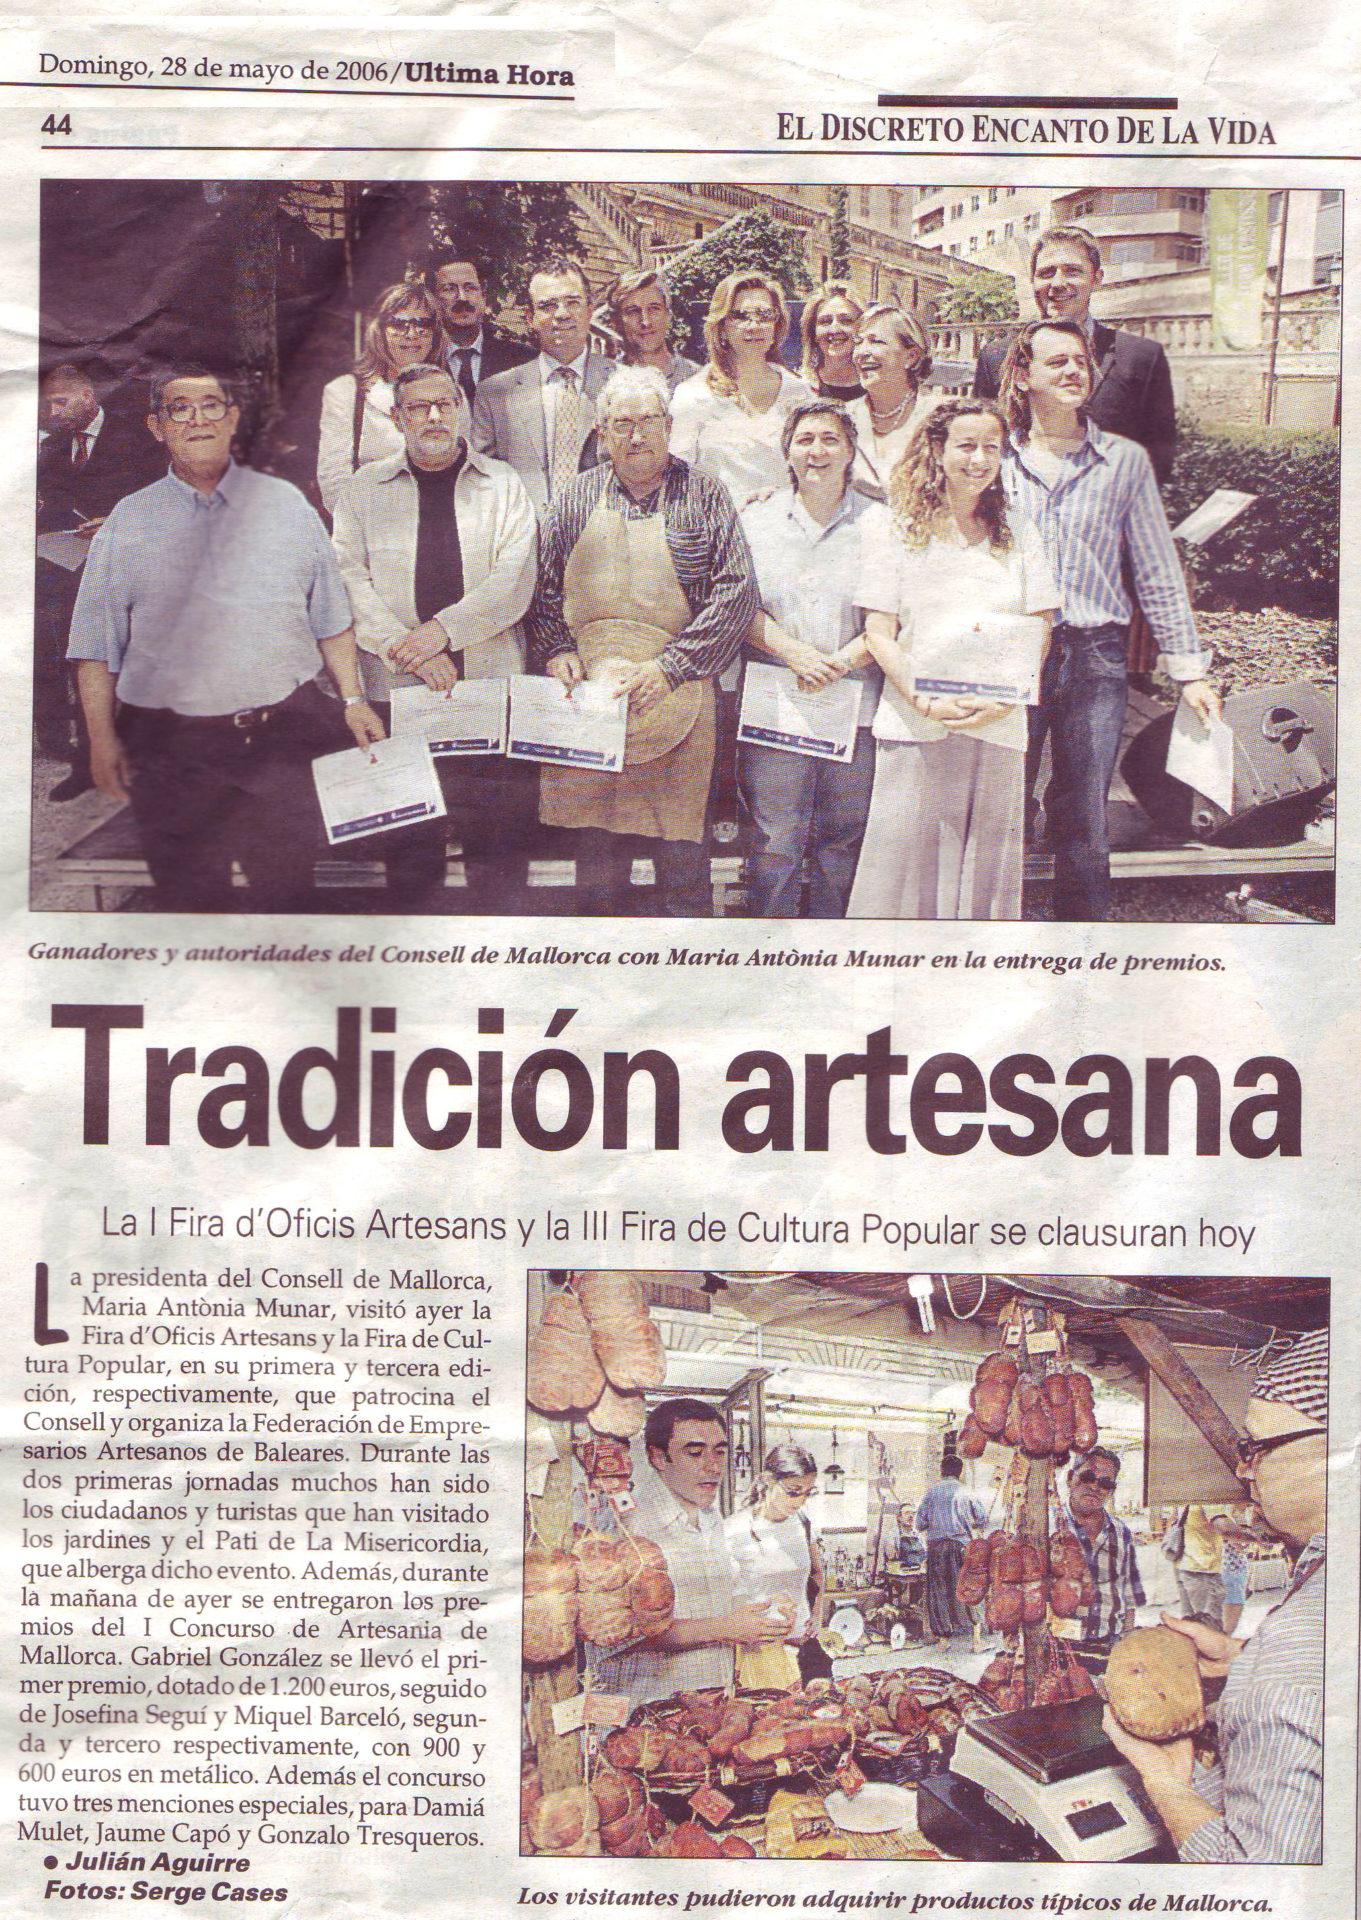 28-05-2006 Ultima Hora (p44)